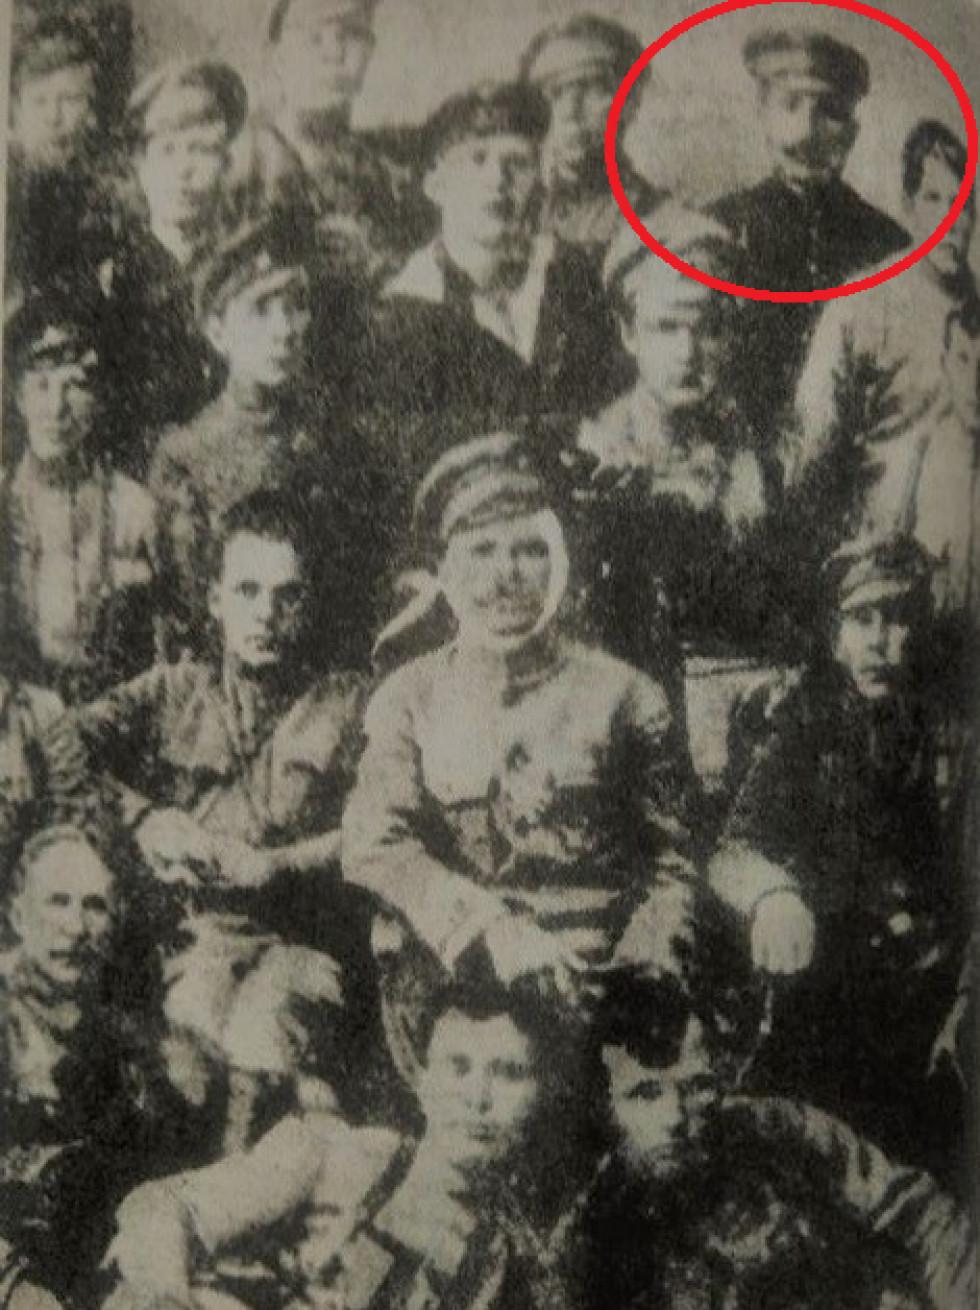 Василь Чапаєв у центрі, Сергій Потапчук - другий справа у верхньому ряду. 1919 рік